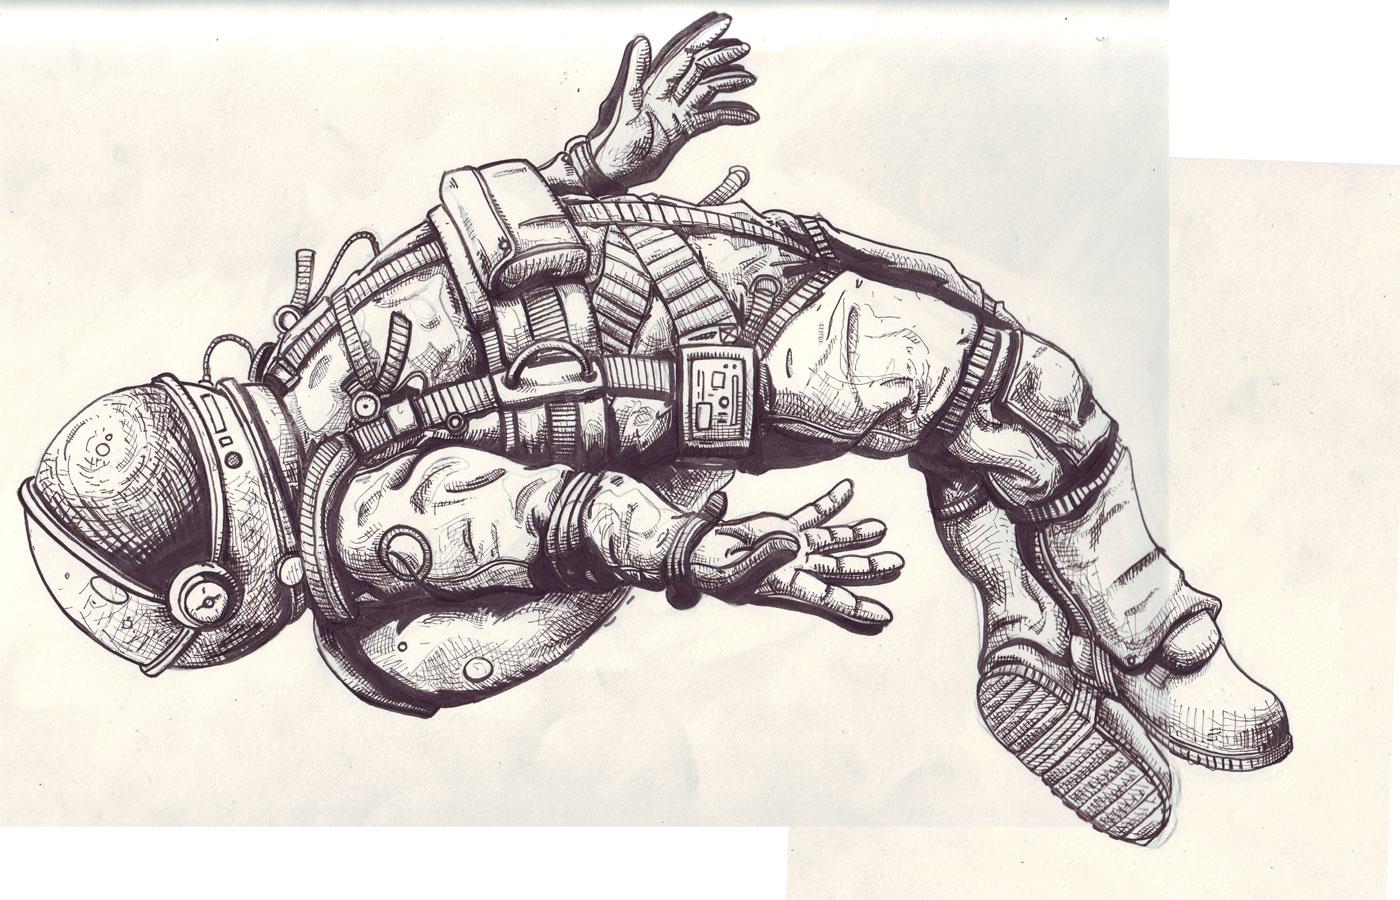 Adam Guzowski: You'd Prefer an Astronaut